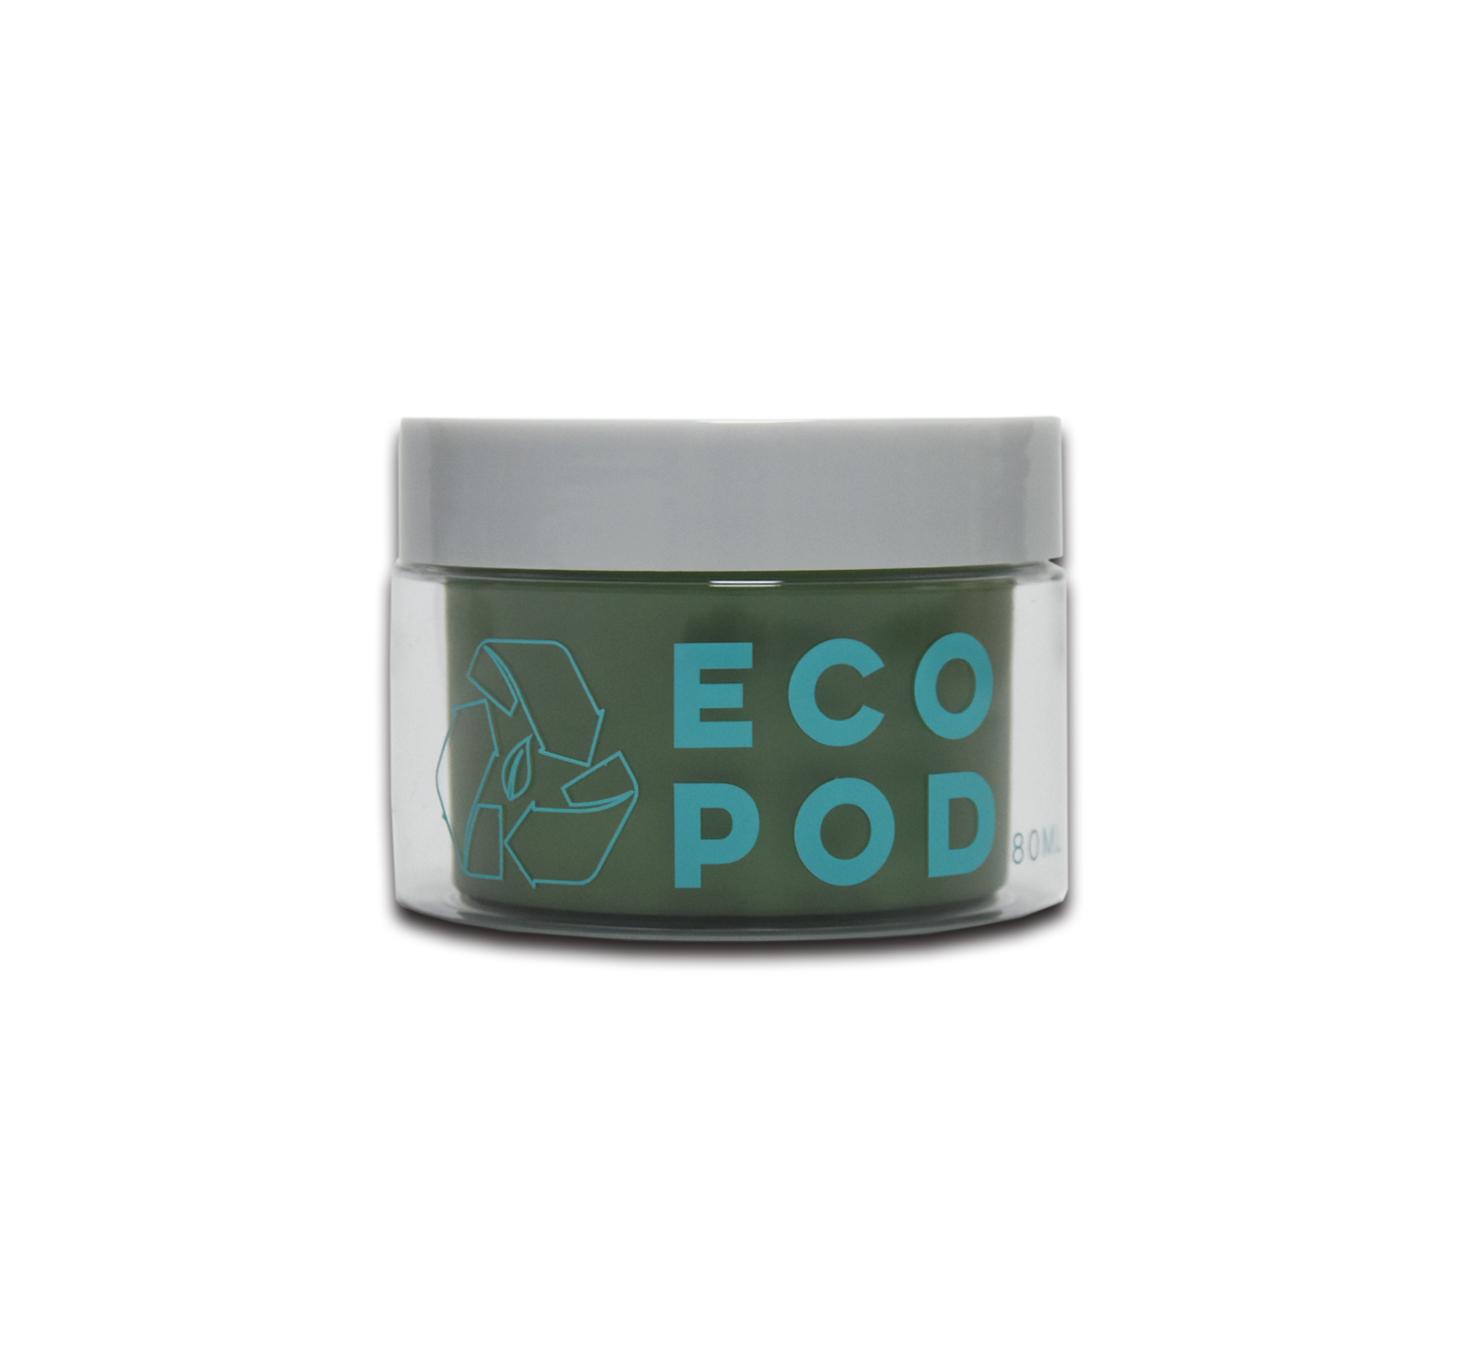 Biologisch abbaubar Kosmetische Verpackung Creme Container 80g PCR Creme Jar mit Schraube Kappe ECO Friendly Cosmetic Jar